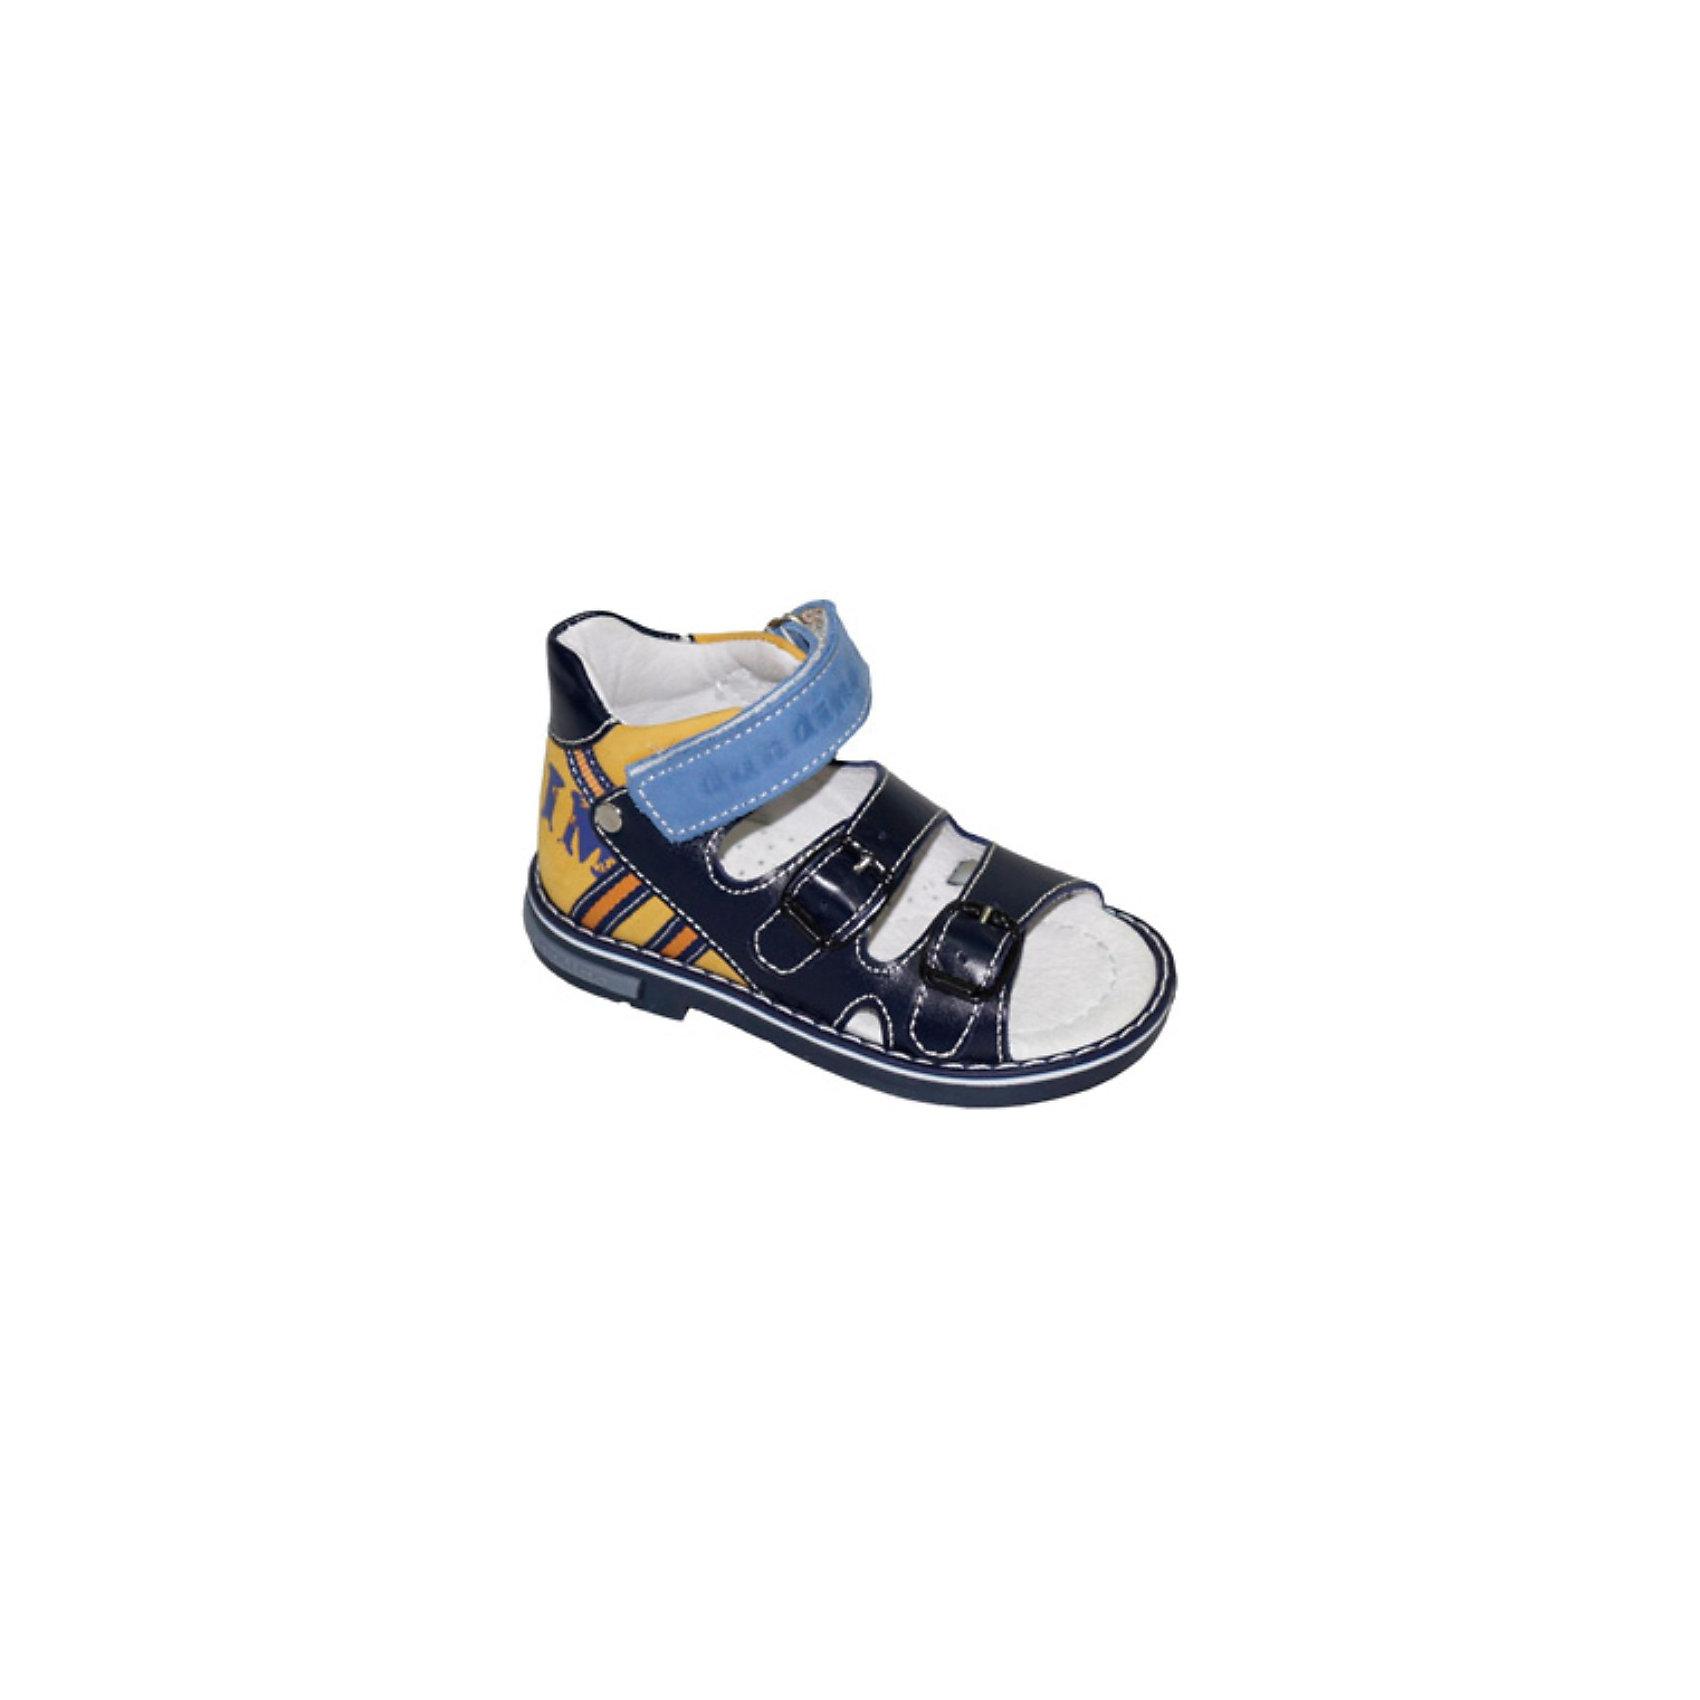 Ортопедические сандалии для мальчика DandinoОртопедические сандалии для мальчика от марки  Dandino.<br>Внутренняя и внешняя поверхность обуви Dandino изготовлена из натуральной кожи, которая пропускает воздух и позволяет ножке ребенка дышать. <br>Ортопедические сандалии имеют следущие особенности:<br>- наличие жесткого задника <br>- стелька с  супинатором Soft effect<br>- специальная антибактериальная стелька<br>- гибкая подошва<br>Всё это помогает  сформировать правильную постановку ступни вашего ребёнка, что будет препятствовать развитию плоскостопия и косолапия. <br>Благодаря углублениям в обуви, устраняется дополнительная нагрузка на пальцы ребёнка, а широкий носок обеспечивает их свободное движение.<br>Данная модель имеет две удобные застежки-липучки, которые позволяют быстро снимать и надевать обувь, а также отрегулировать сандалии по ноге.<br>Состав:<br>Материал верха: натуральная кожа 100%; Материал подкладки: натуральная кожа 100%; Материал подошвы: Термопластик 100%<br><br>Ширина мм: 219<br>Глубина мм: 154<br>Высота мм: 121<br>Вес г: 343<br>Цвет: синий<br>Возраст от месяцев: 60<br>Возраст до месяцев: 72<br>Пол: Мужской<br>Возраст: Детский<br>Размер: 29,28,26,27,30<br>SKU: 3660875